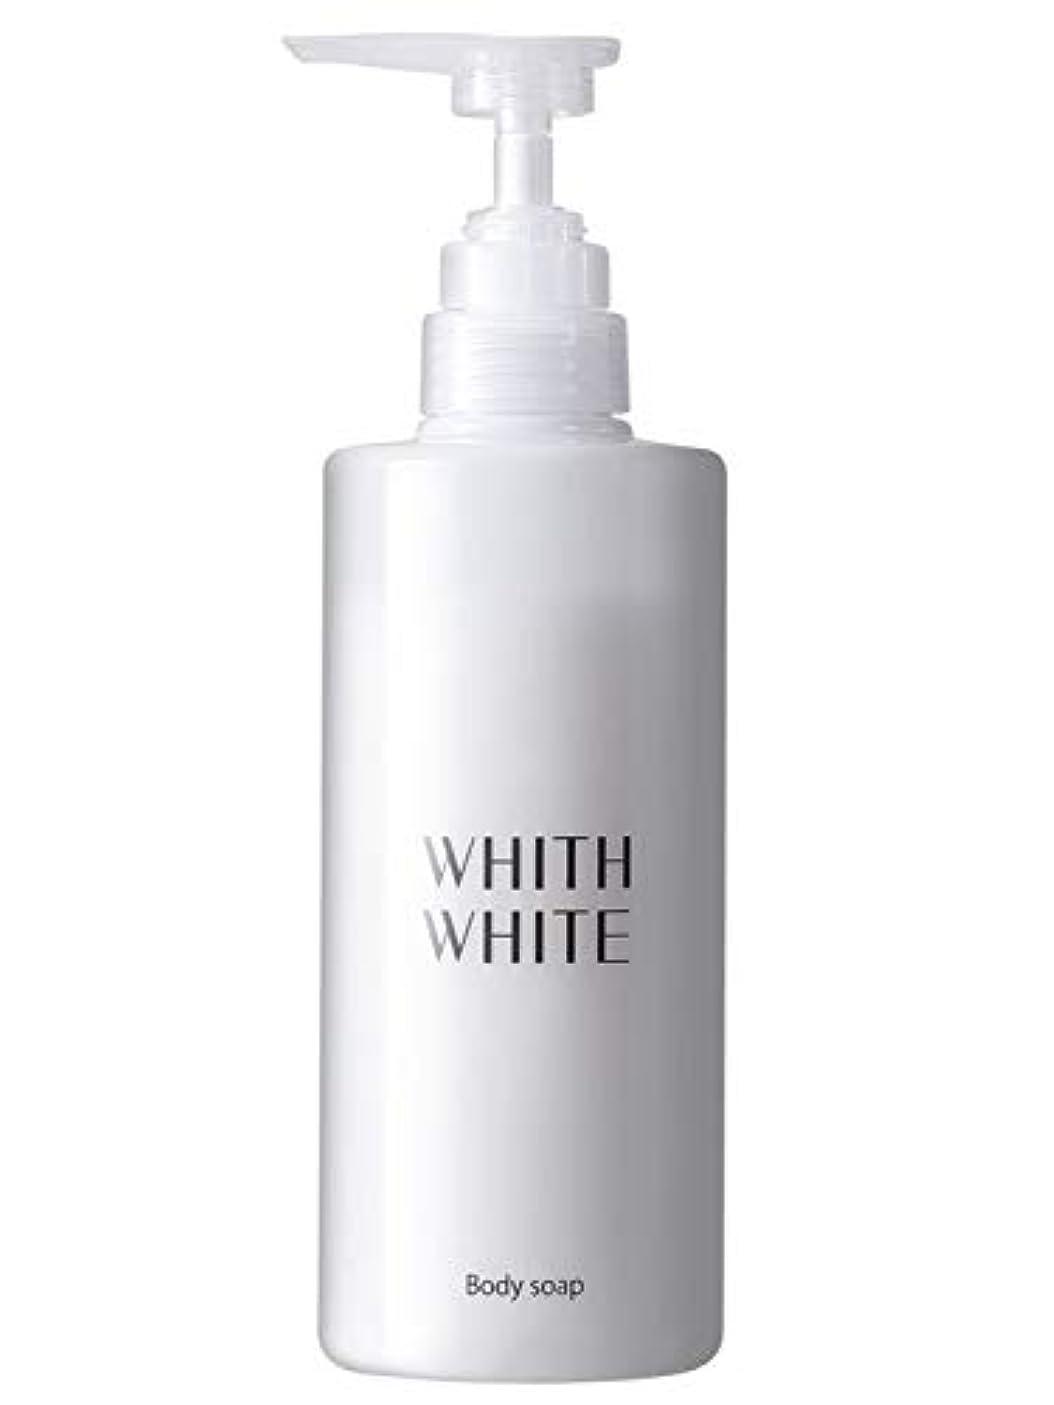 博物館労苦アーティキュレーションフィス ホワイト ボディソープ 【 エレガントフローラルのいい香り 】 無添加 保湿 ボディーソープ 「 泡で黒ずみ さっぱり ボディシャンプー 」「 ヒアルロン酸 コラーゲン セラミド 配合」450ml